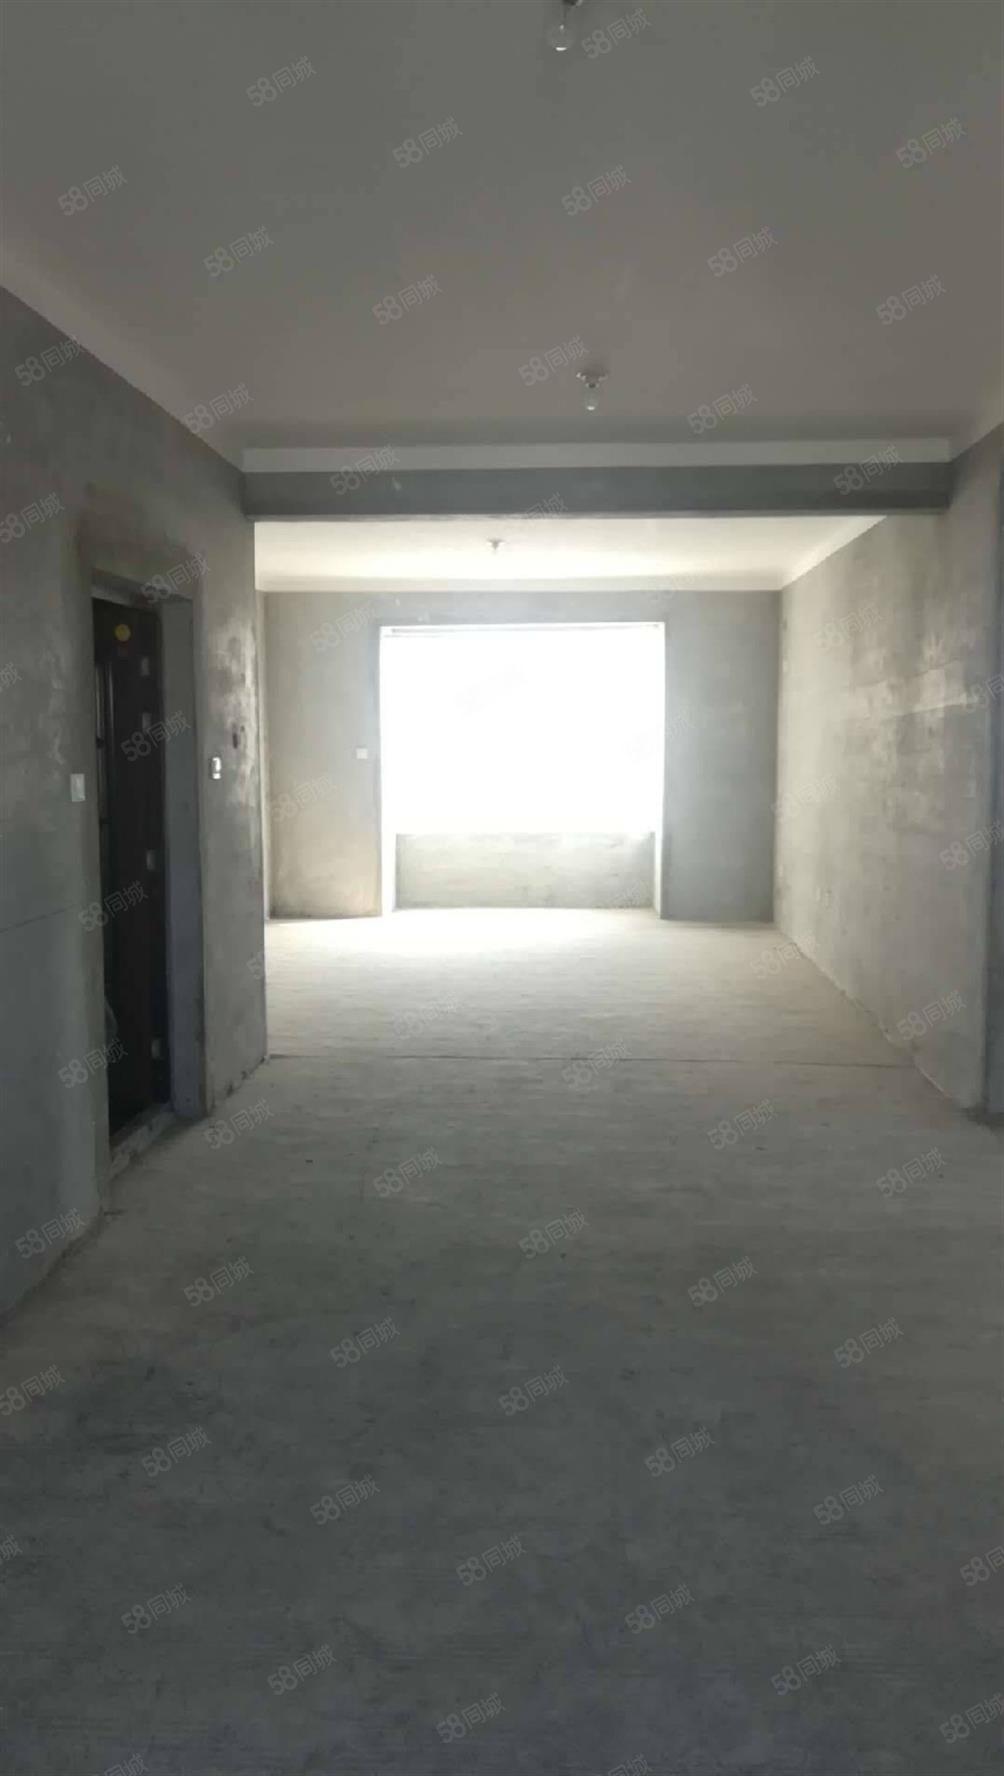 江南小鎮現房5900一平米,才挖地基的期房8000,你怎么選